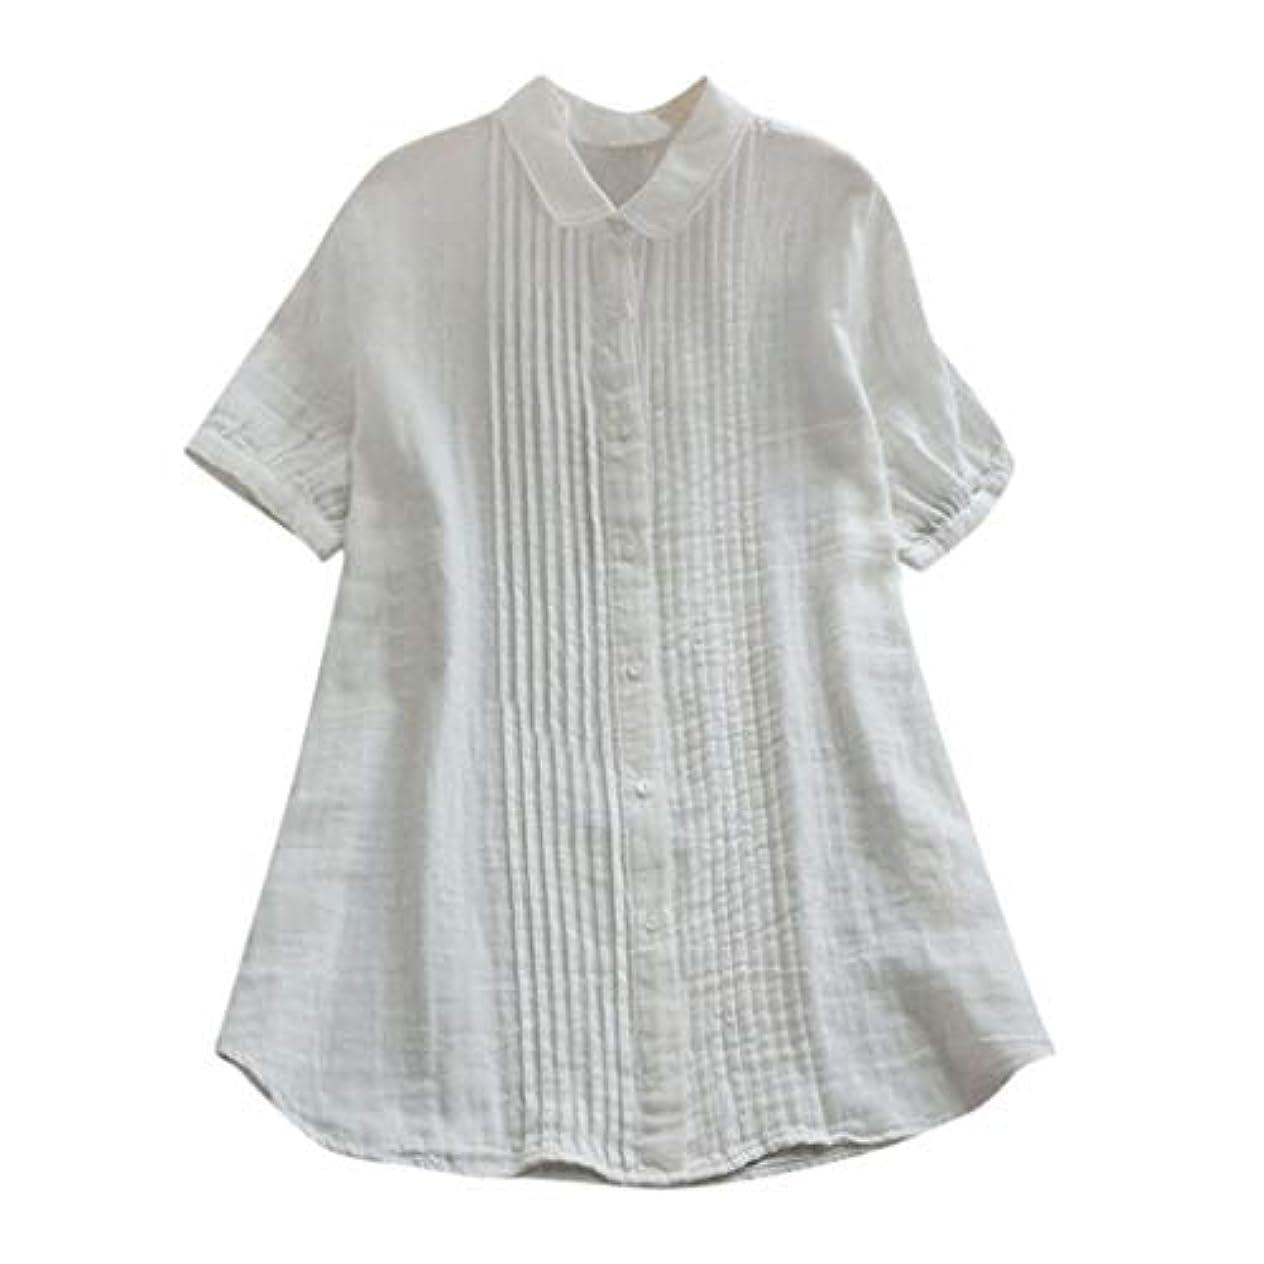 隠アラブ現代女性の半袖Tシャツ - ピーターパンカラー夏緩い無地カジュアルダウントップスブラウス (白, L)